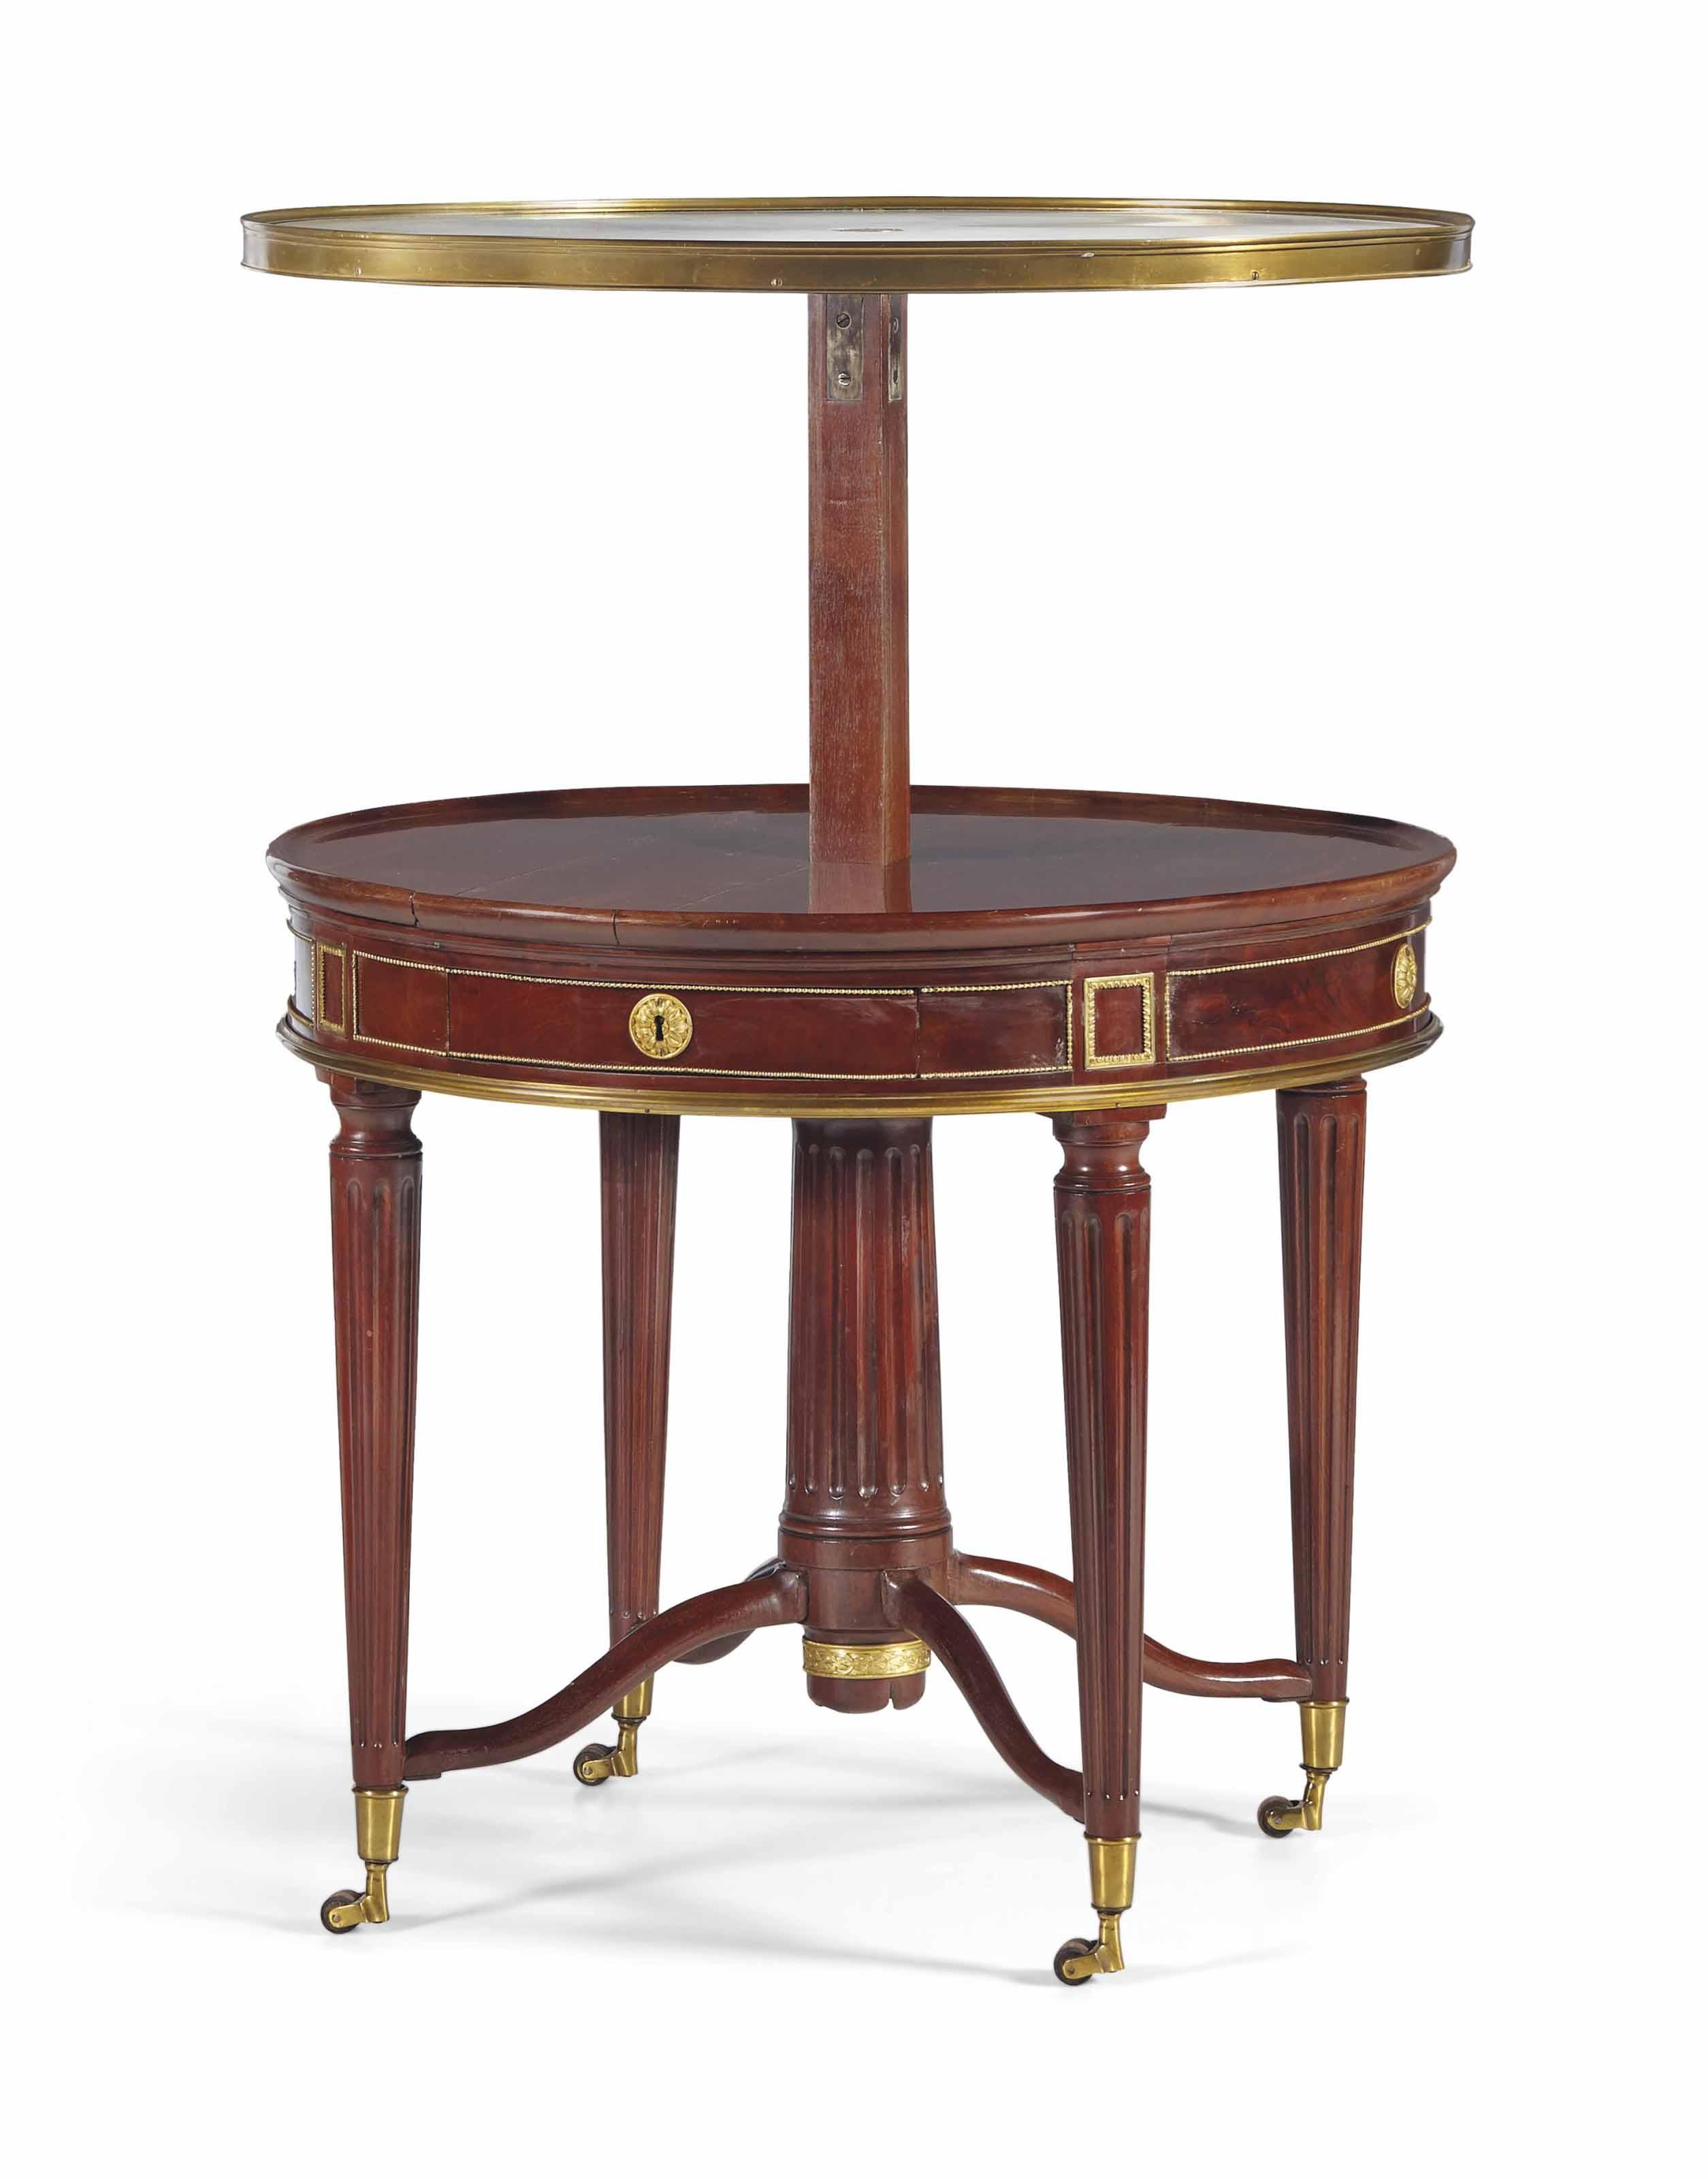 TABLE A MECANISME D'EPOQUE LOUIS XVI